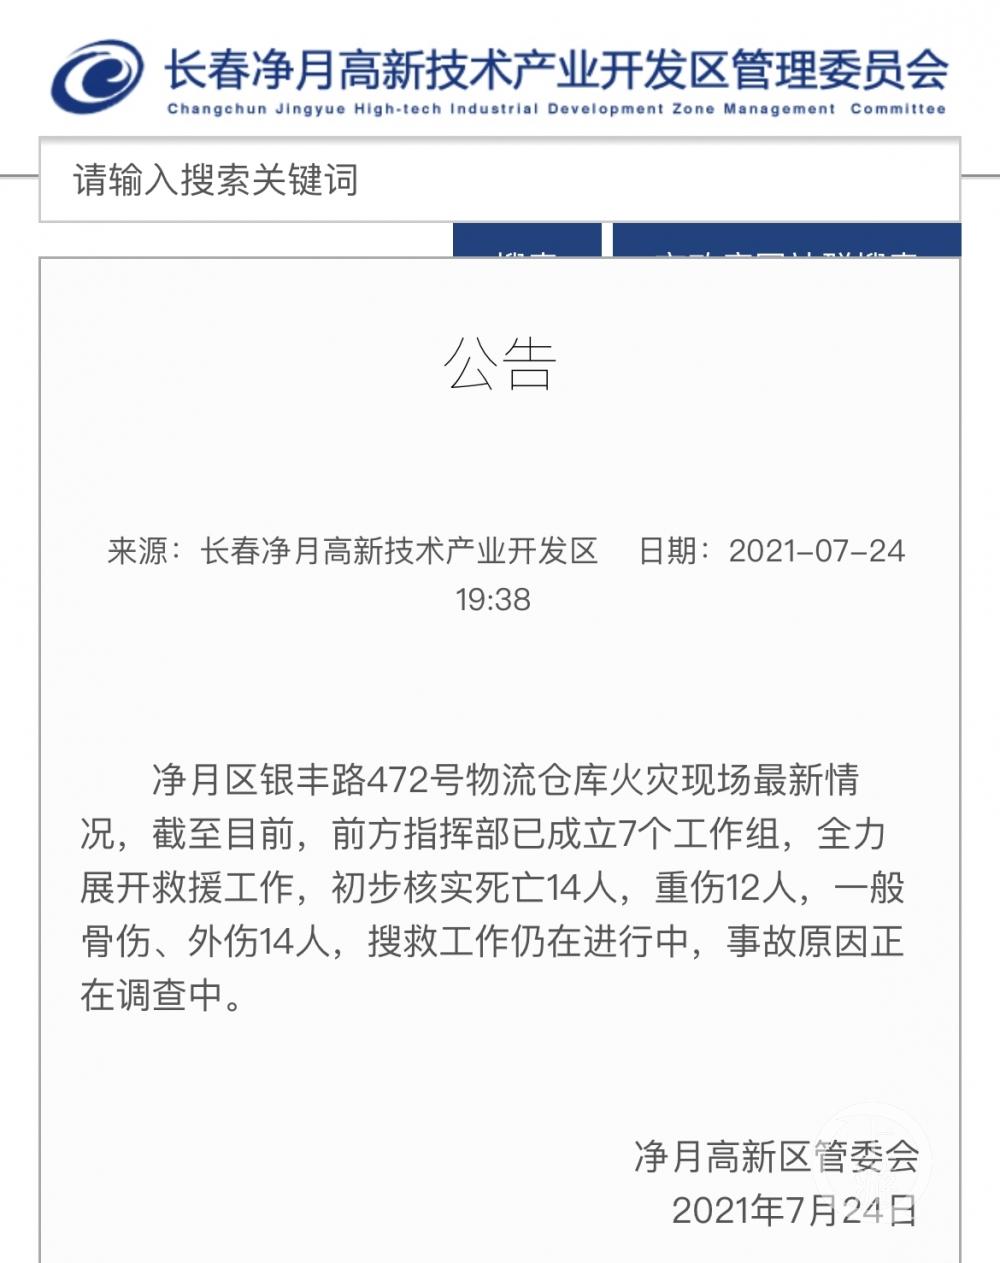 ▲吉林长春净月高新技术产业开发区官方发布公告。图片来源/官网截图